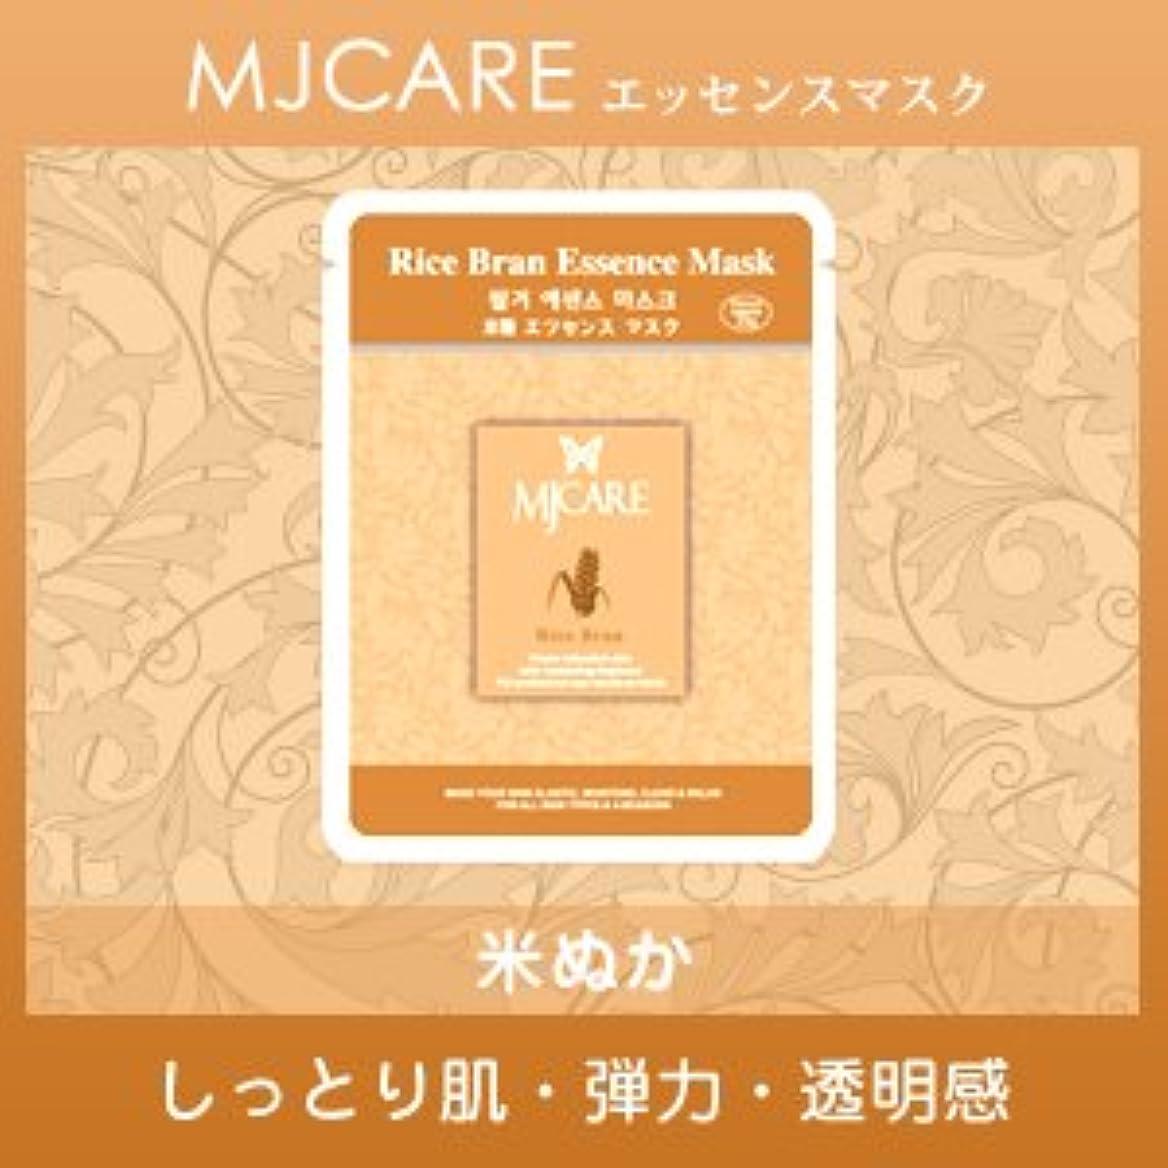 物思いにふける入浴スイMJCARE (エムジェイケア) 米ぬか エッセンスマスク